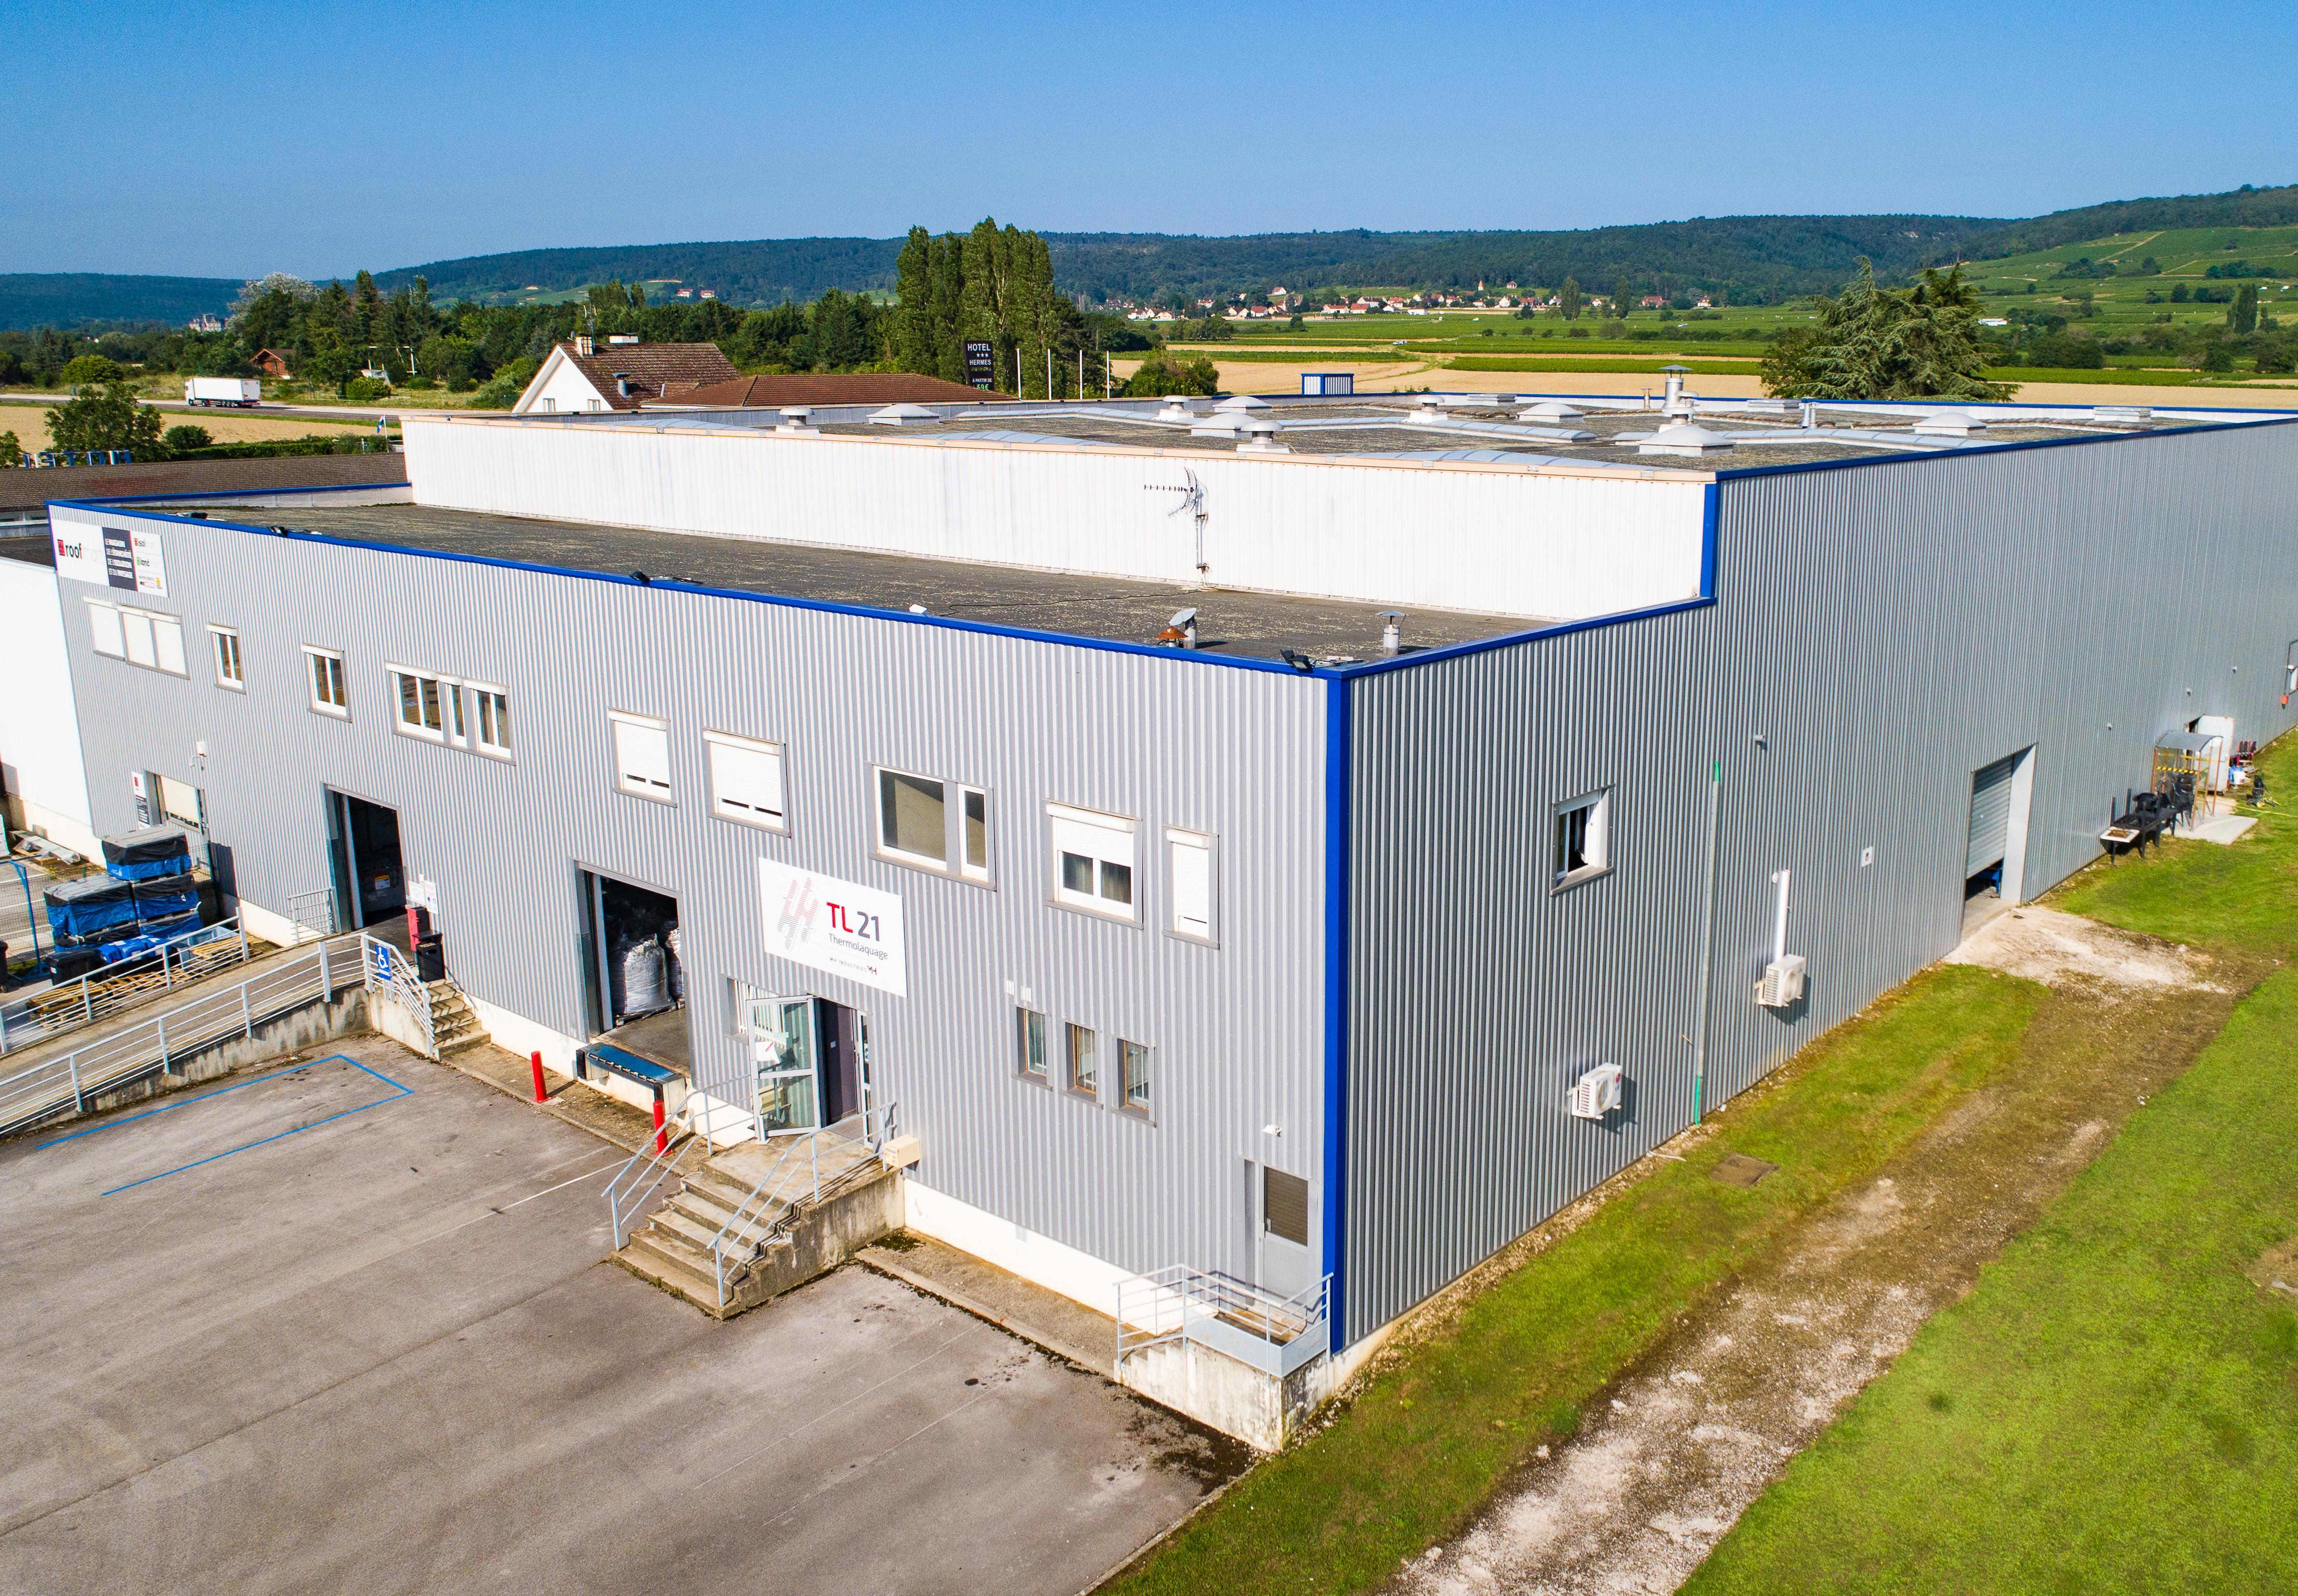 L'usine vue extérieure de TL21 spécialiste thermolaquage